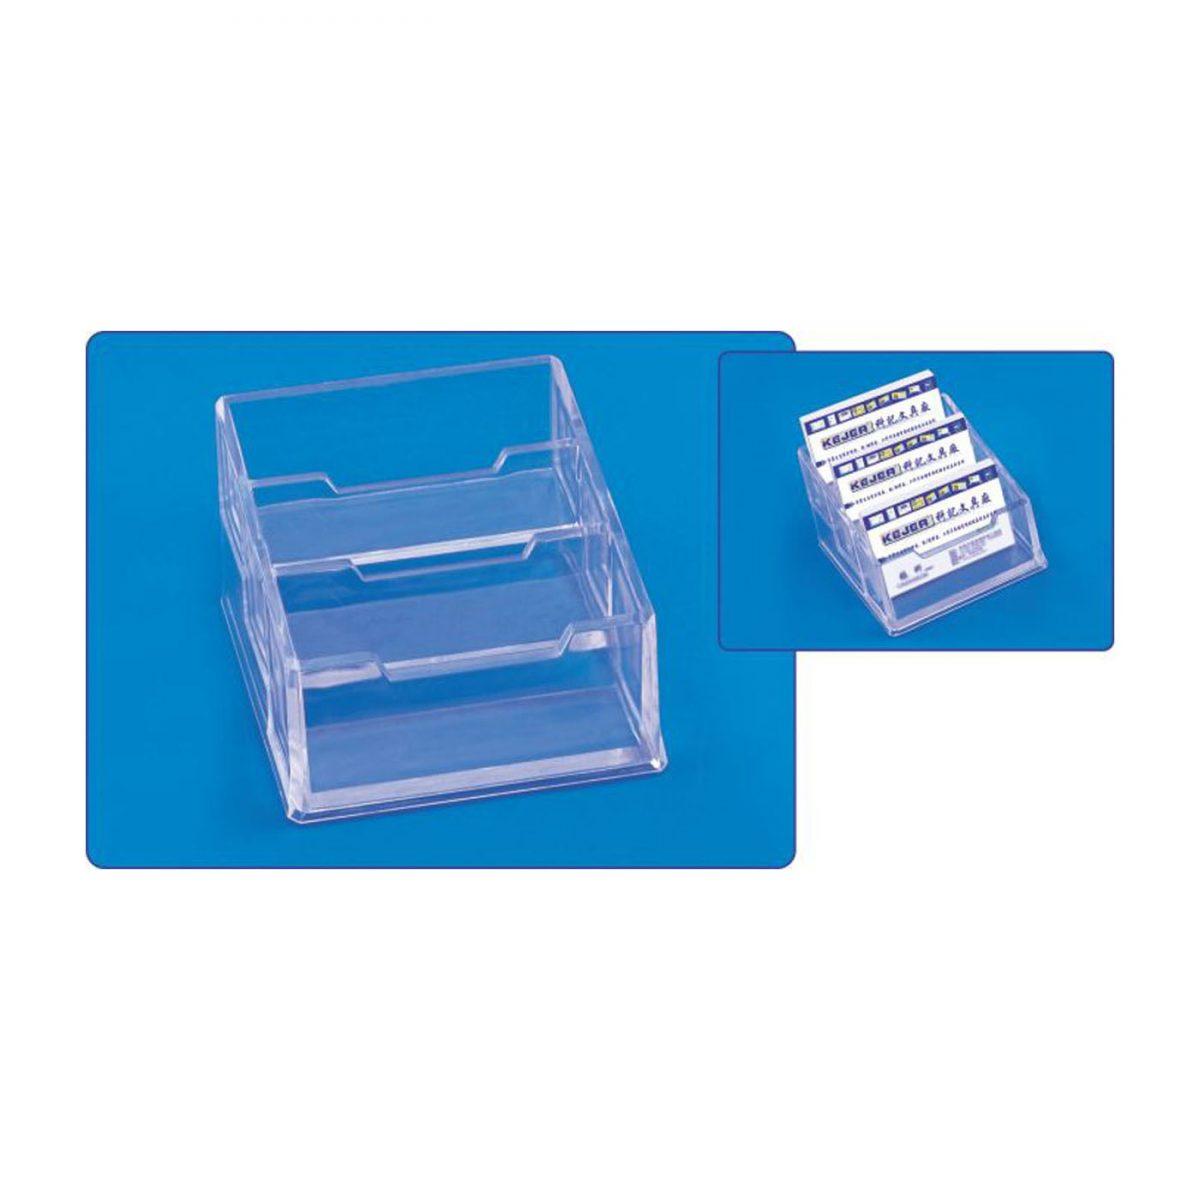 Suport carti de vizita triplu, transparent, plastic, KEJEA